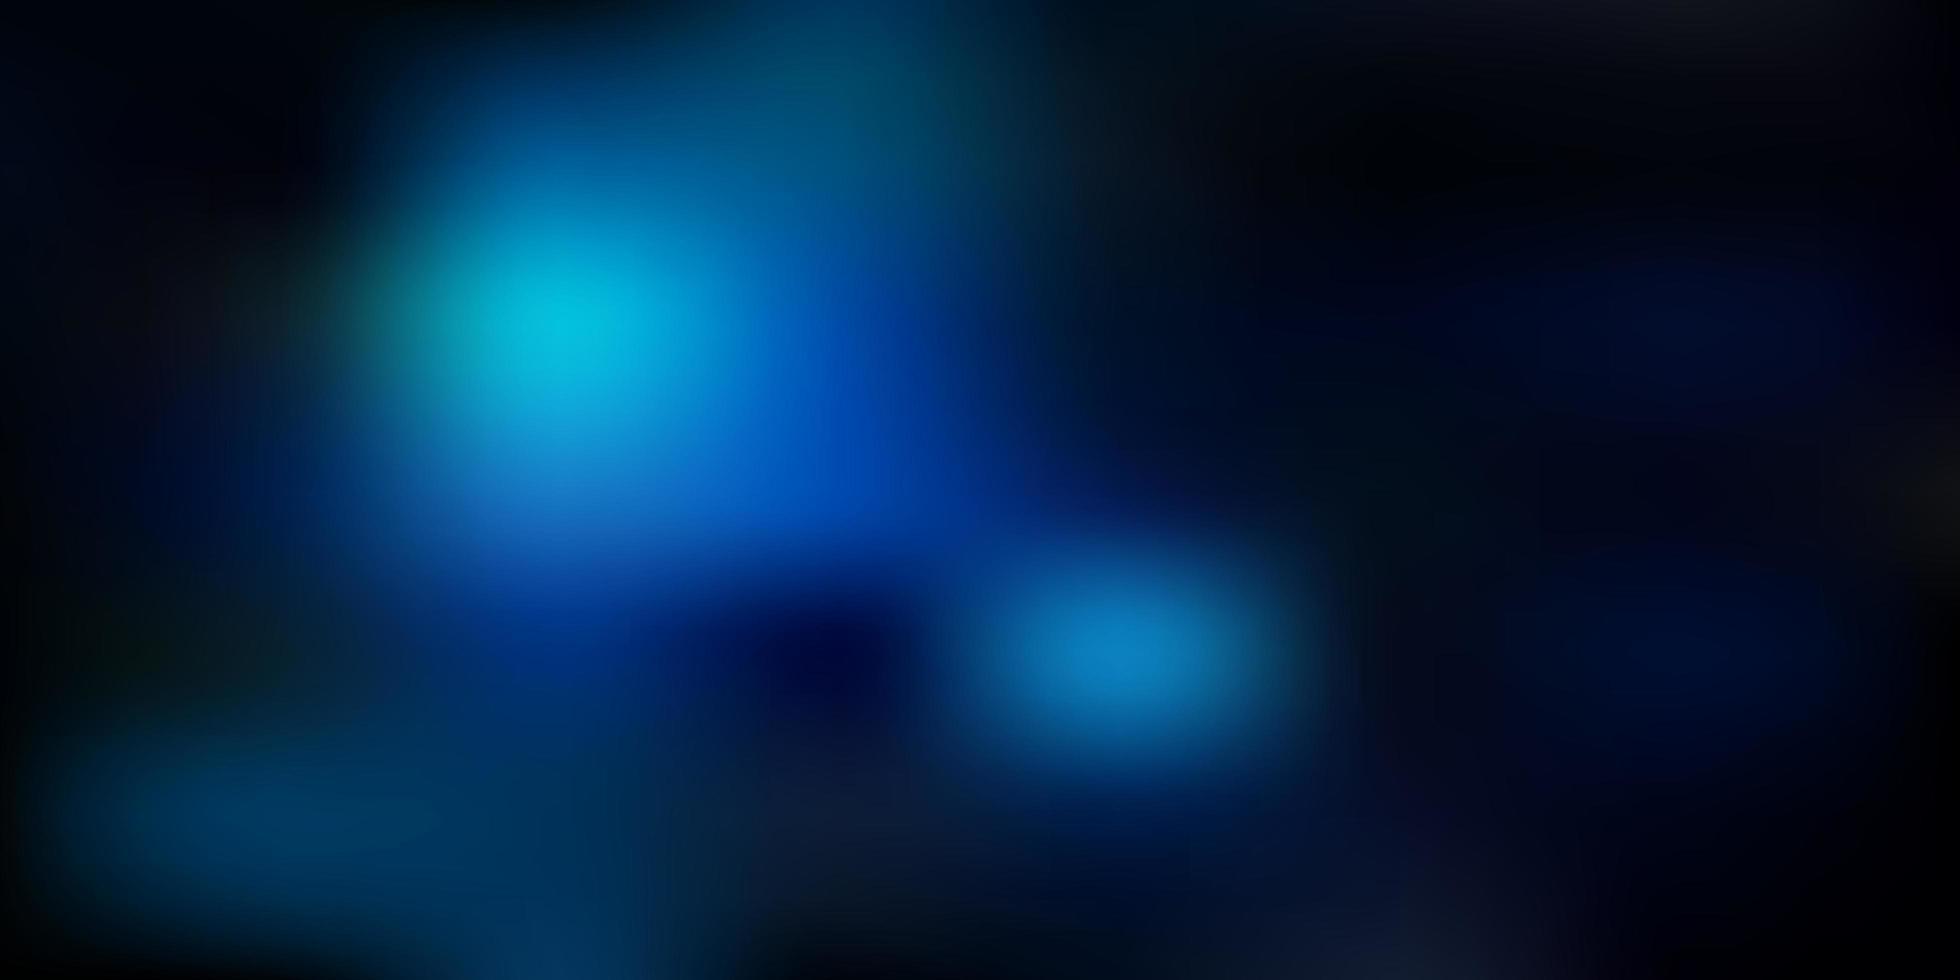 modelo de desfoque de gradiente de vetor azul escuro.